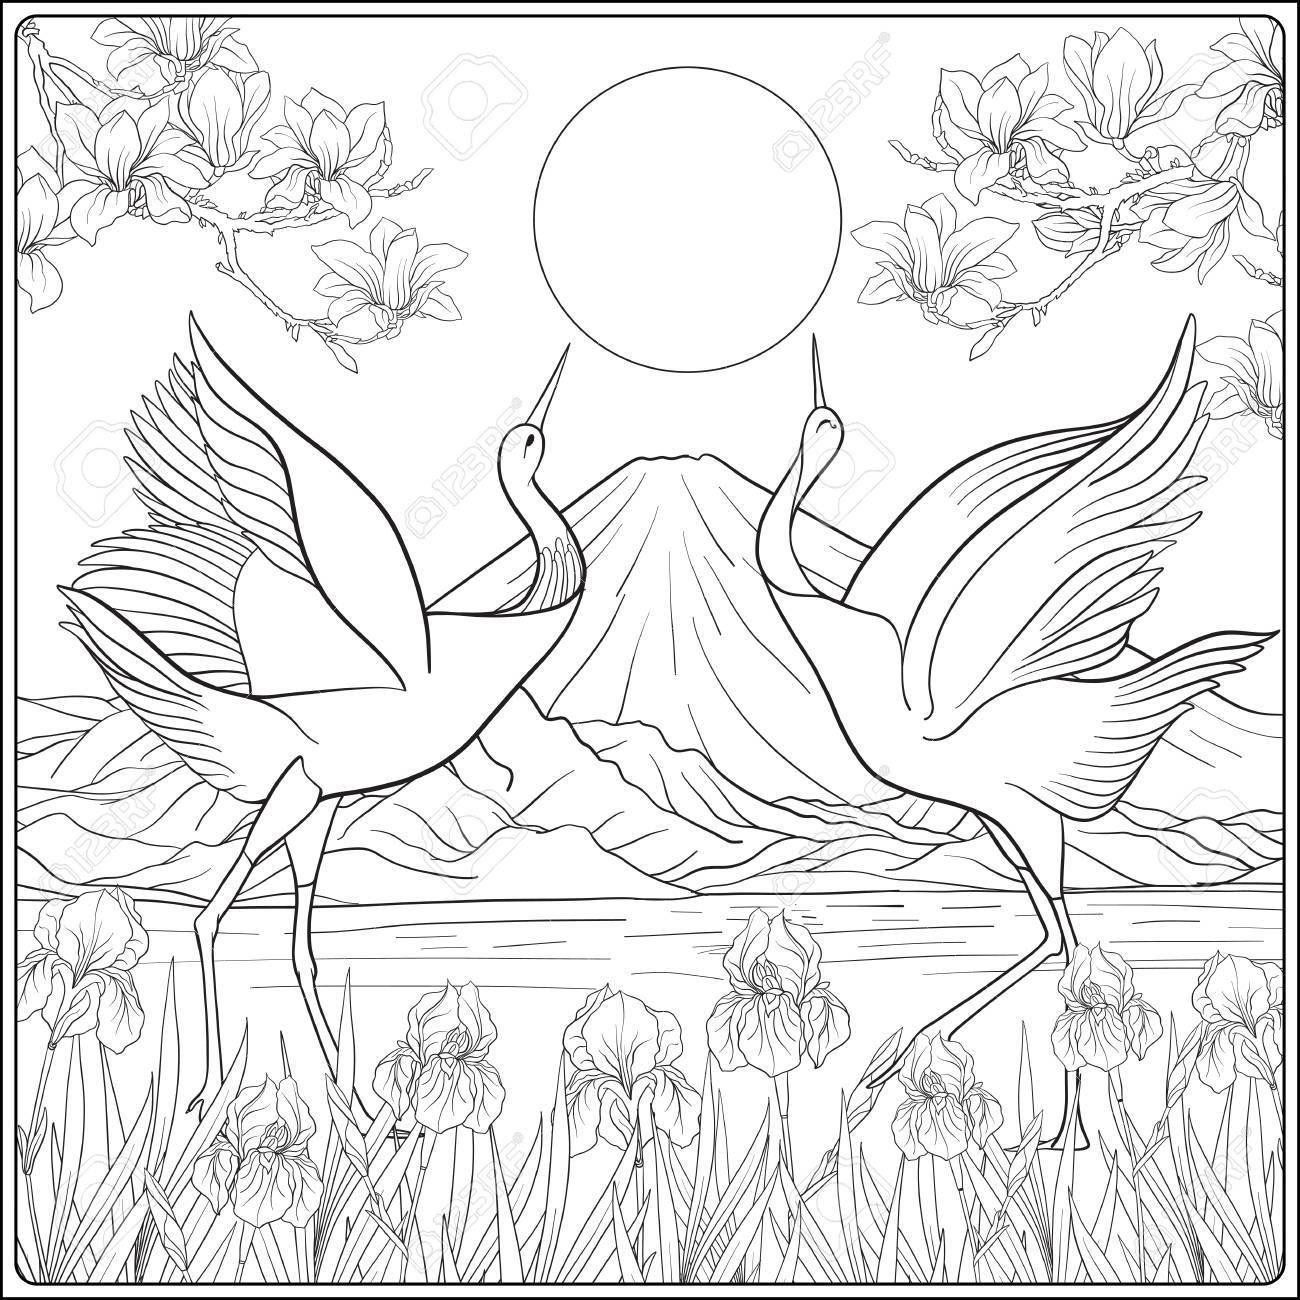 富士山と伝統花と鳥と日本の風景概要図面の着色のページ大人のための